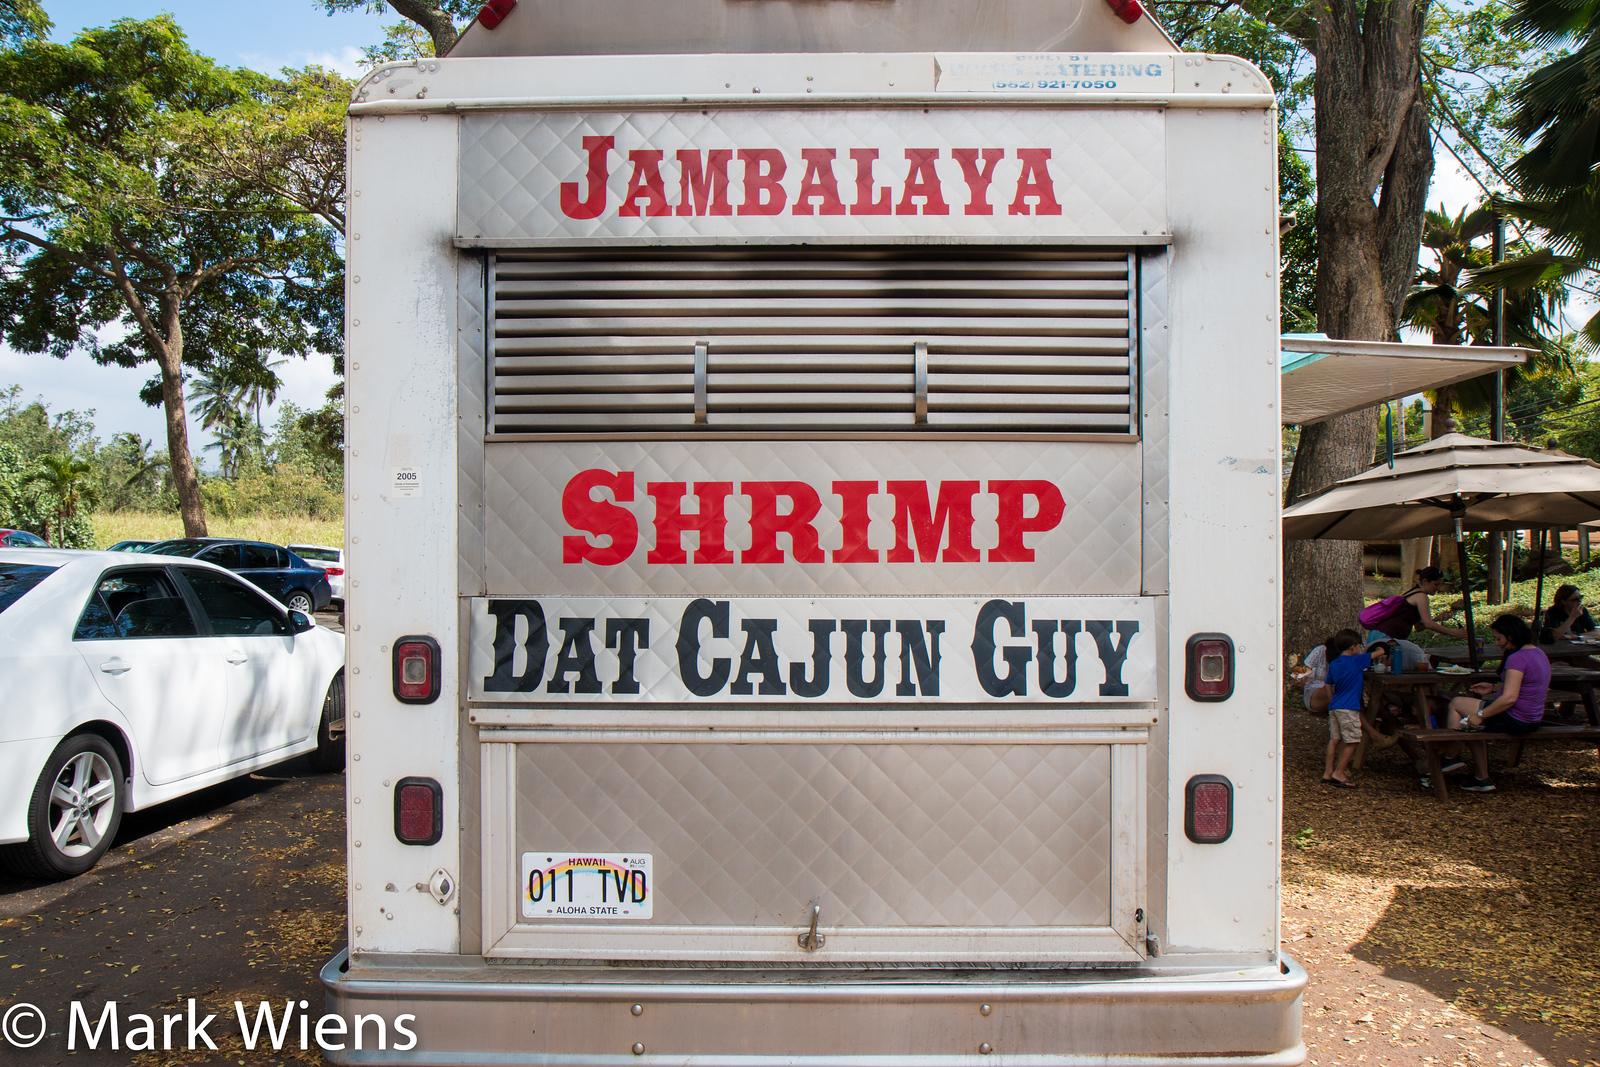 Dat Cajun Guy